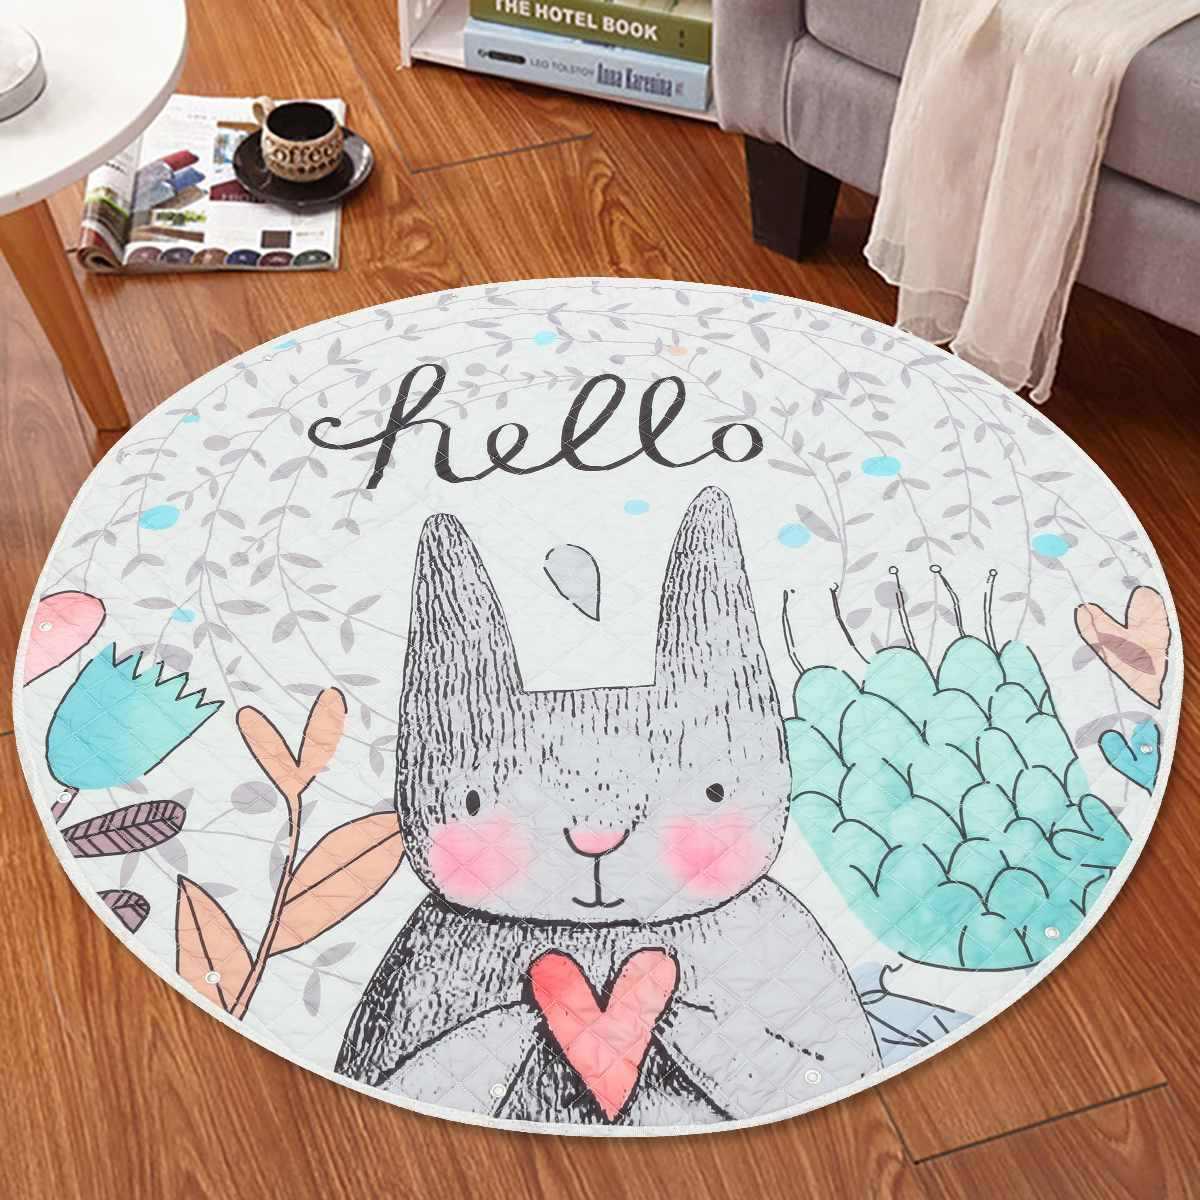 145 см детский коврик для детских игр игрушка мультфильм Медведь ковер с кроликом круглой формы тренажерный зал игровой коврик подушка складной ползающий коврик для лазания